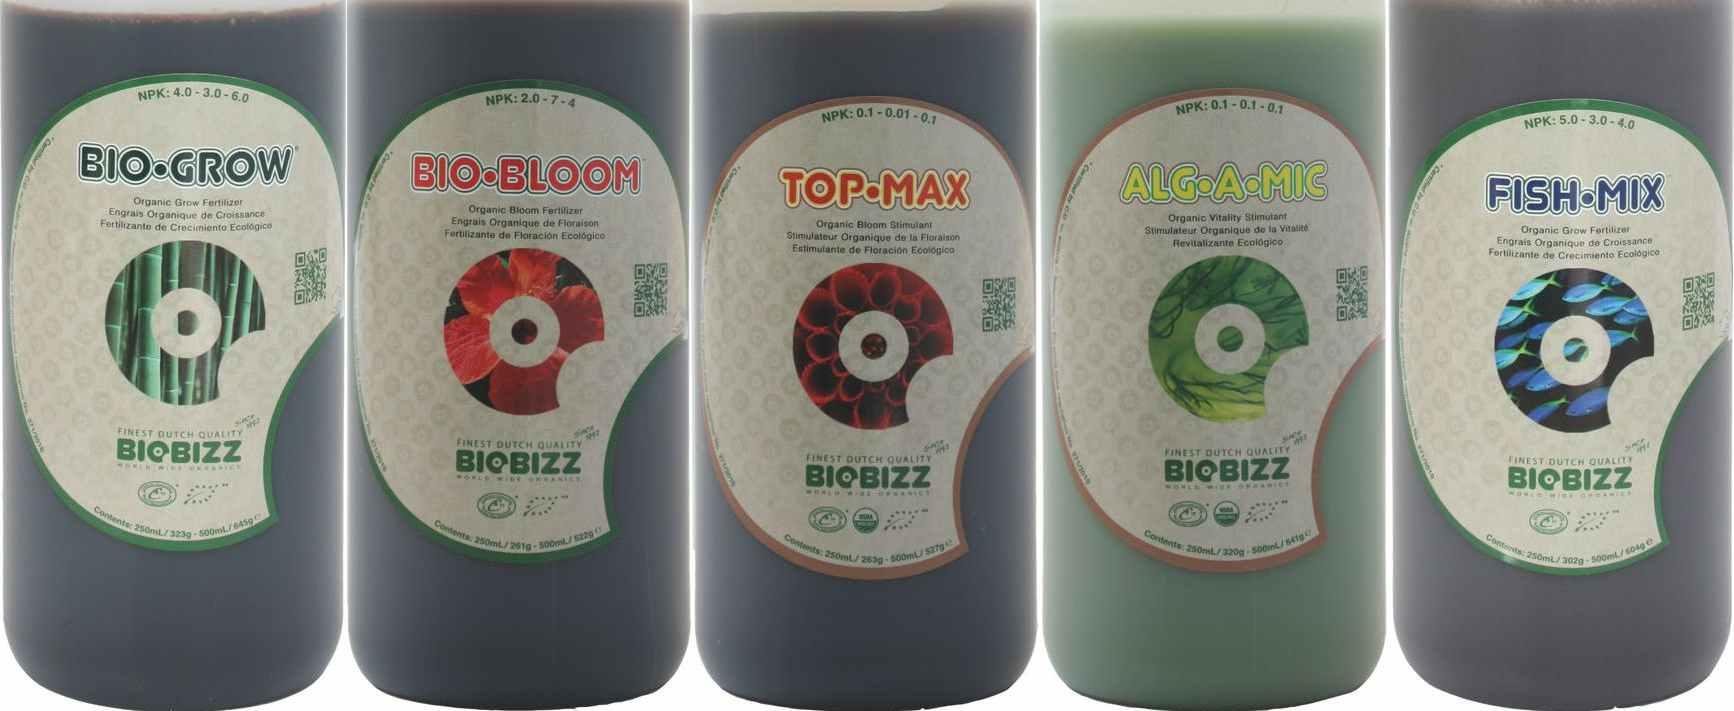 Biobizz